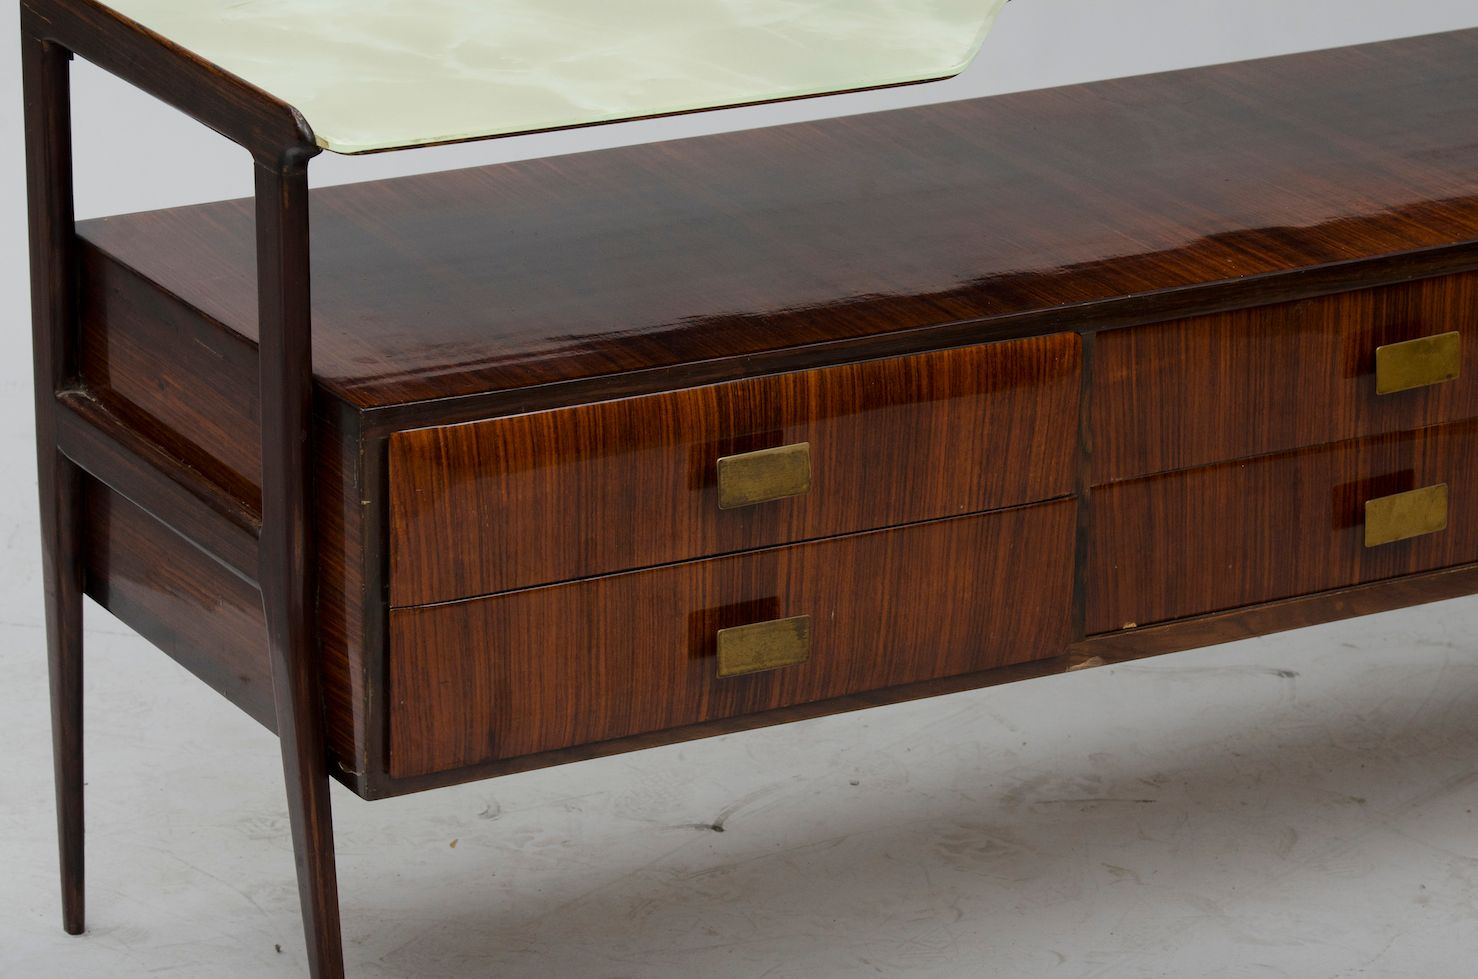 italienische vintage kommode mit marmorierter glasplatte bei pamono kaufen. Black Bedroom Furniture Sets. Home Design Ideas